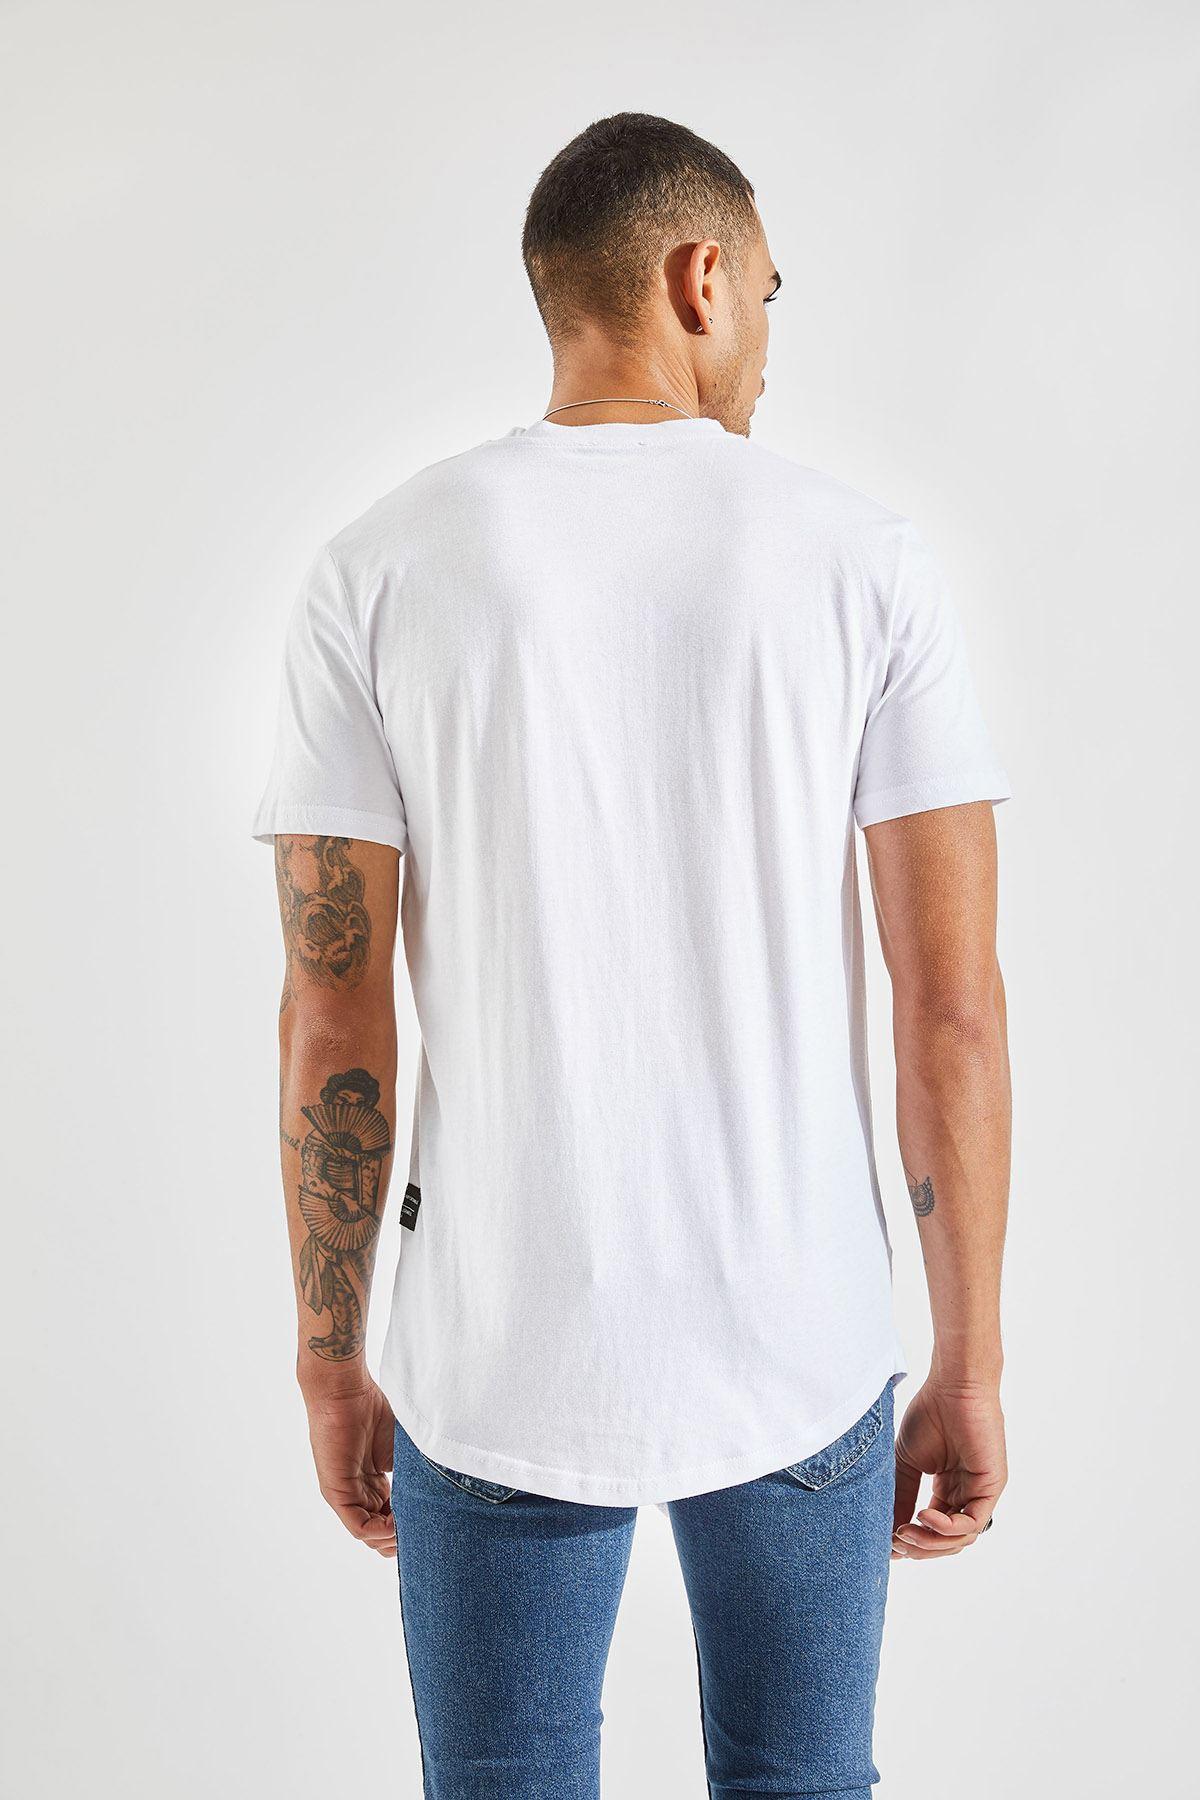 Erkek Önü Parçalı Asimetrik Kesim Beyaz Tişört